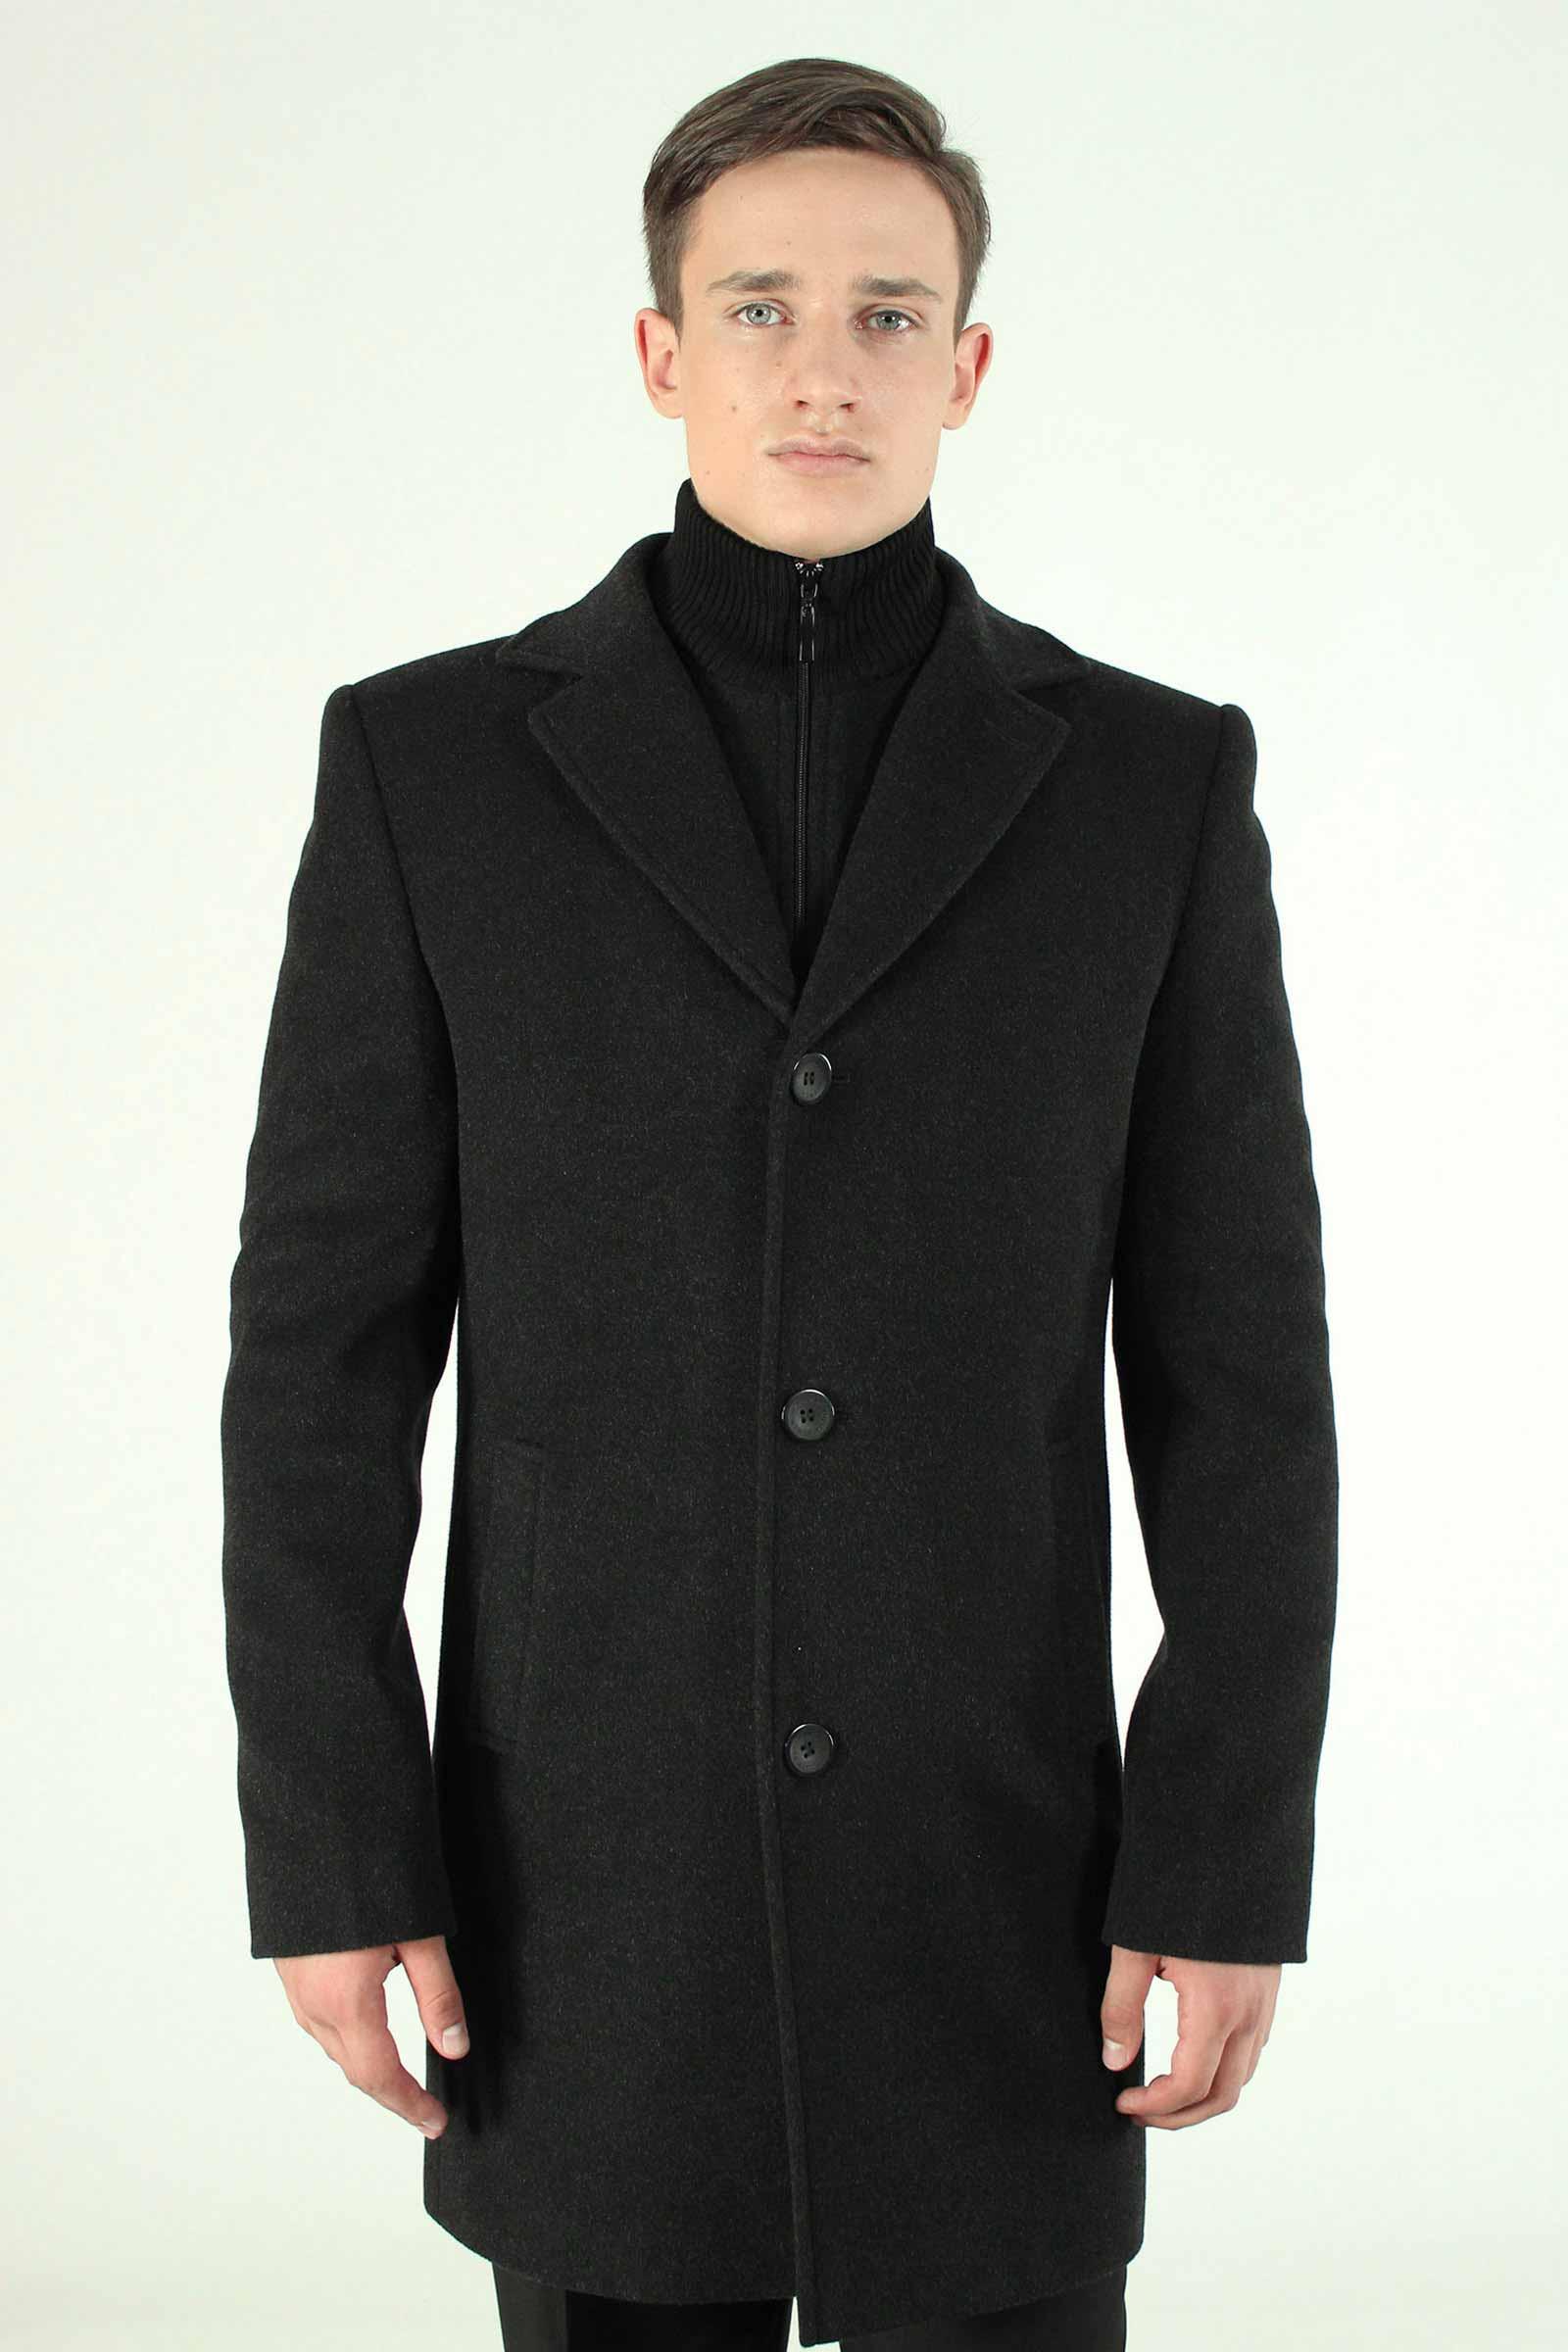 Качественные мужские пальто Киев